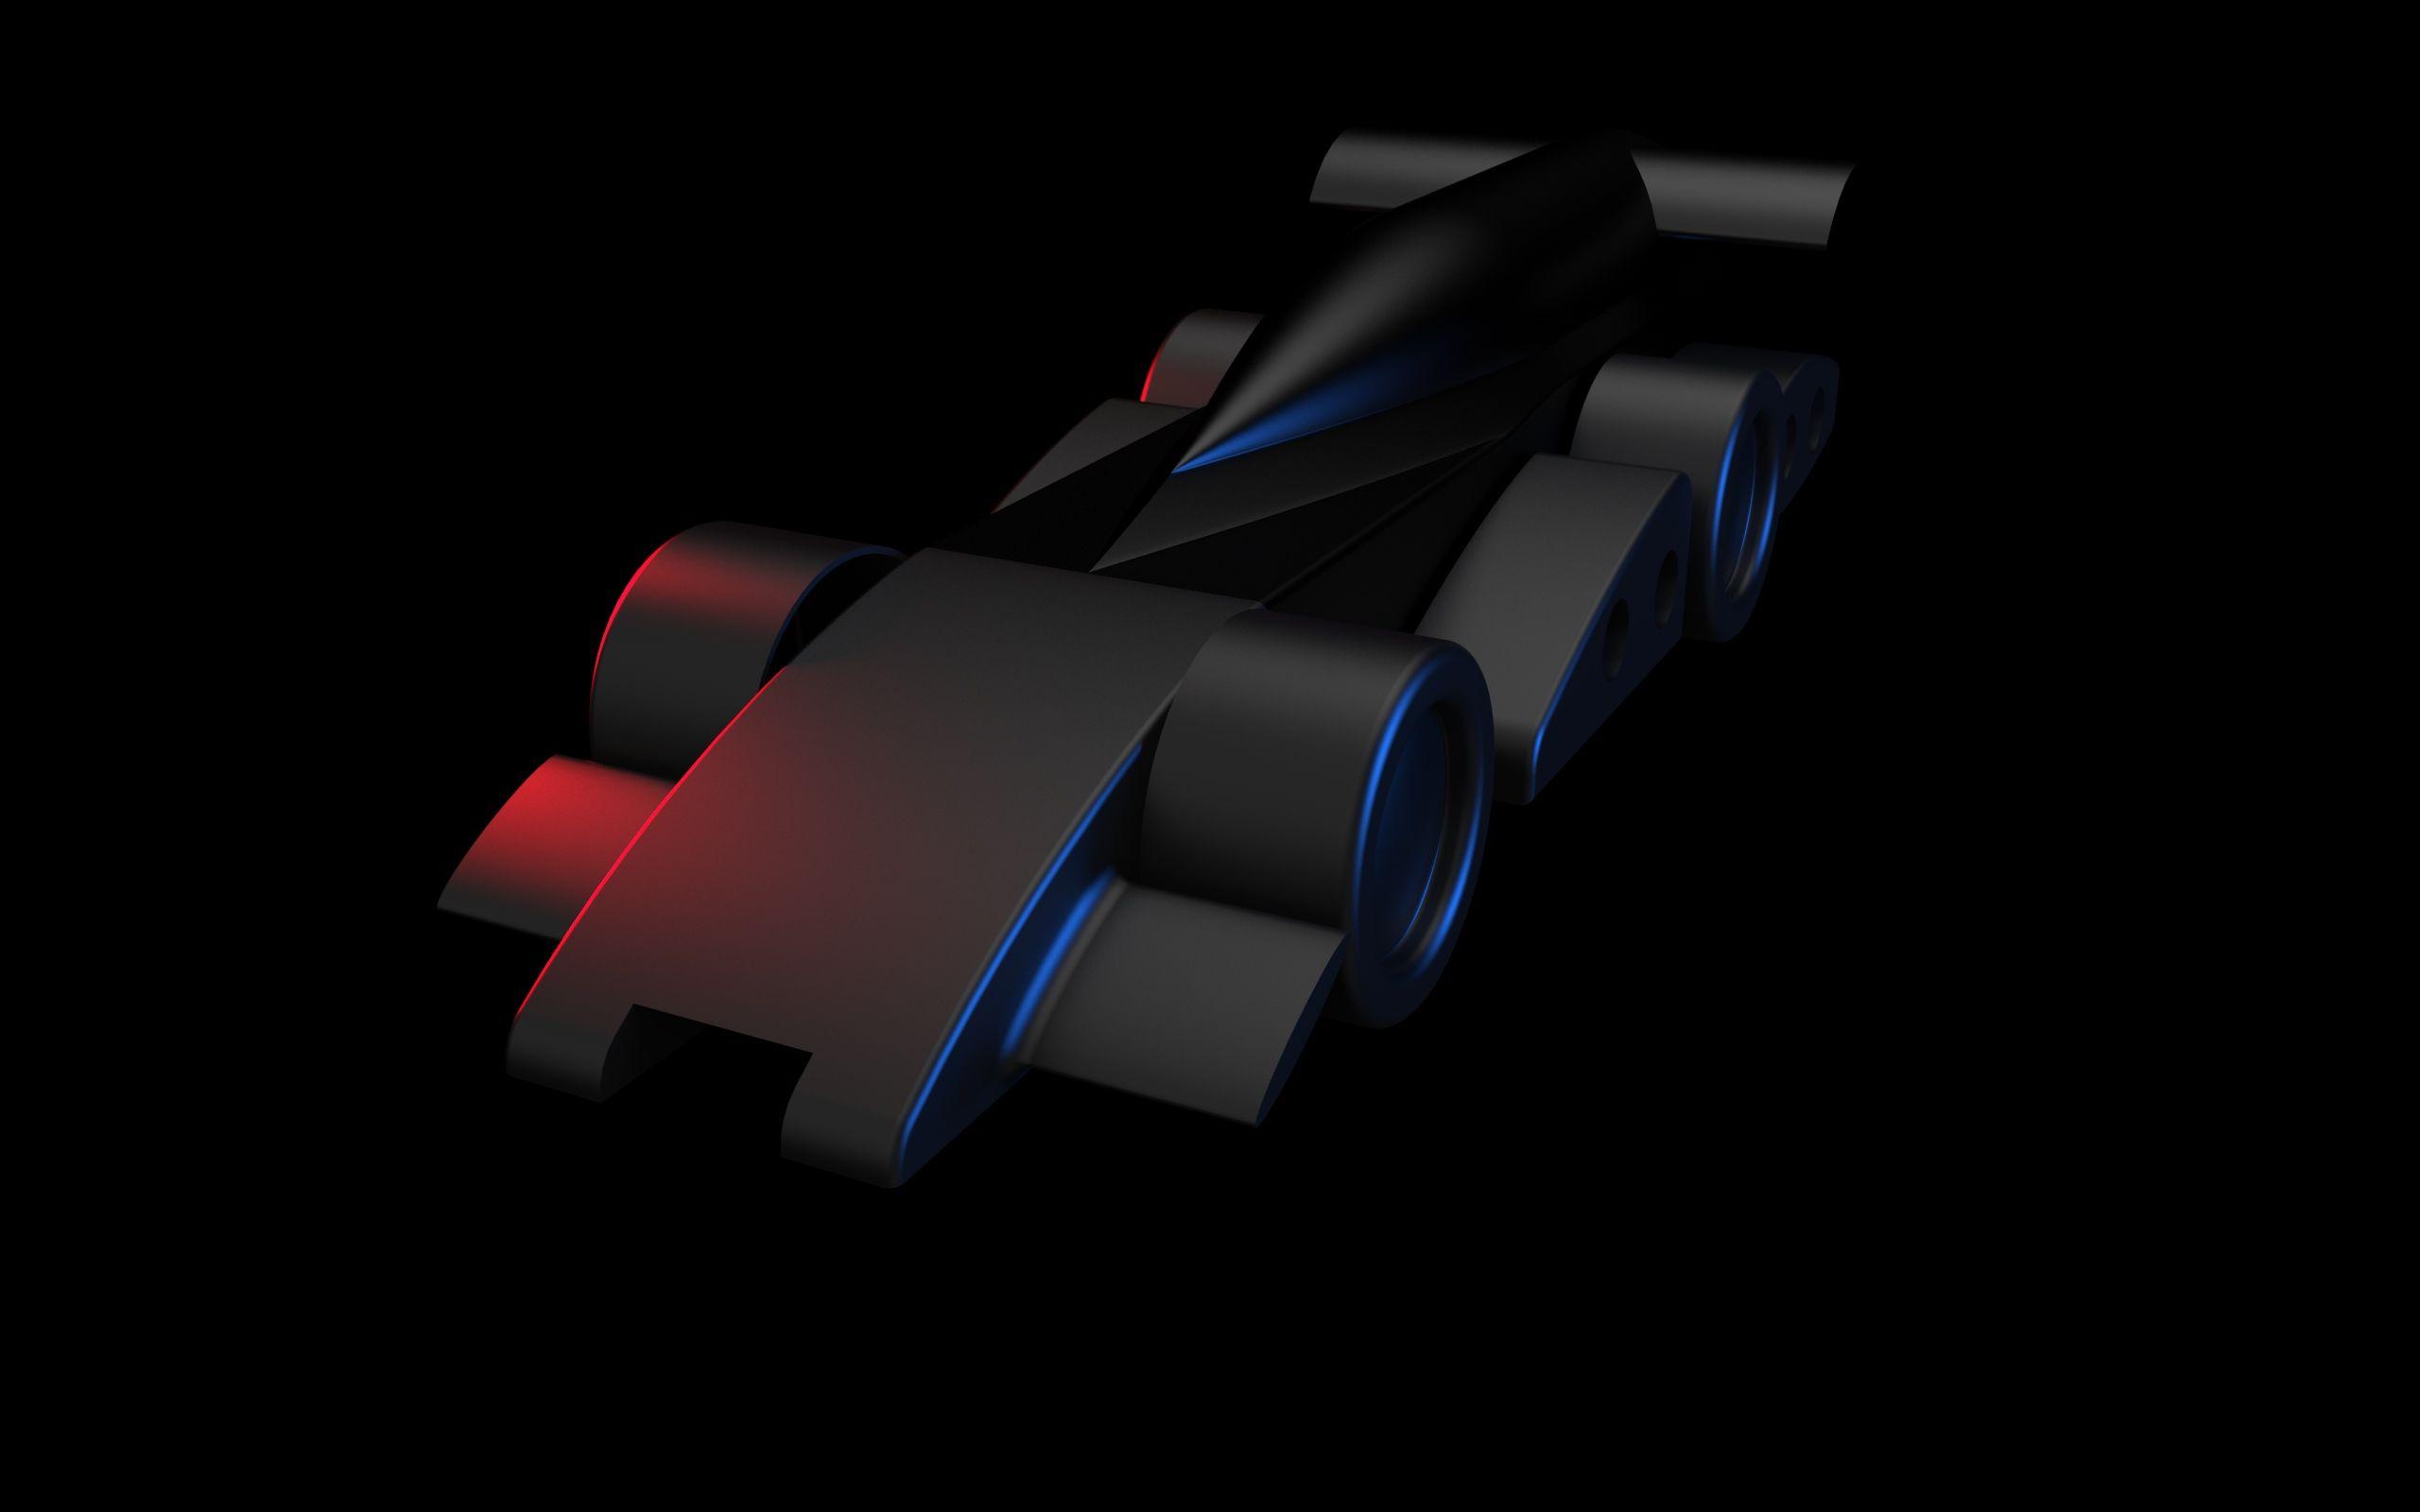 F111111ws-3500-3500